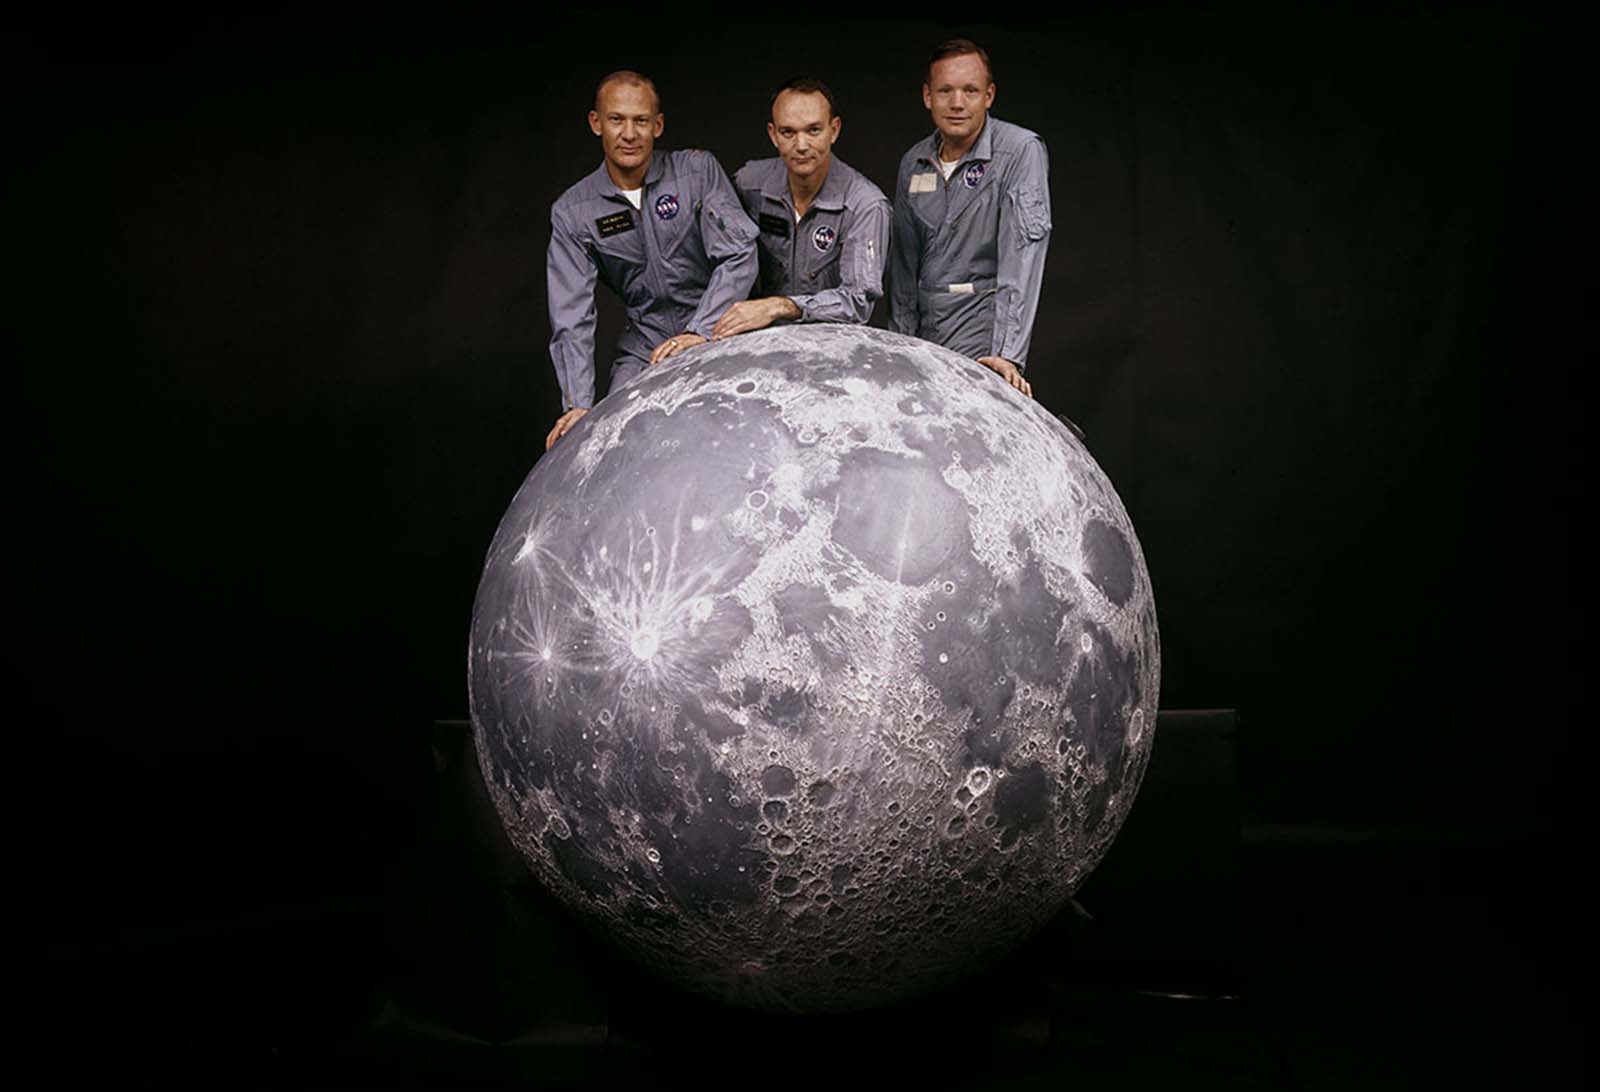 Apollo 11 preparation%2B%252830%2529 - Fotos raras da preparação de Neil Armstrong antes de ir a Lua